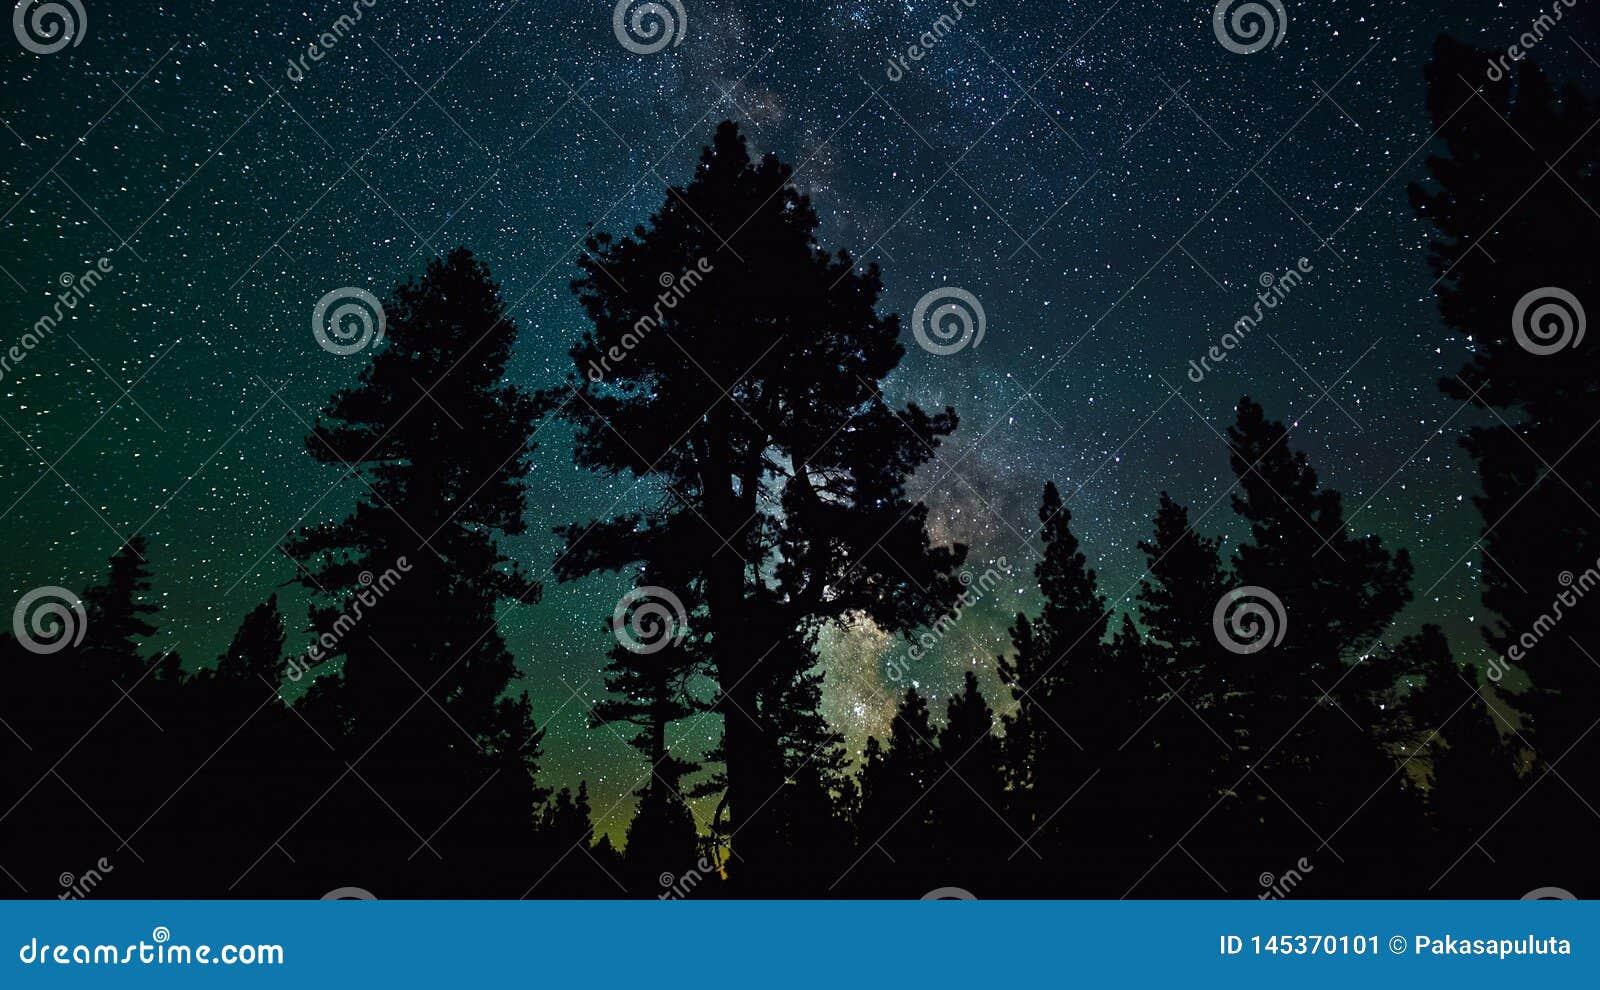 Beatiful Night Stars and Galaxy in the Sky